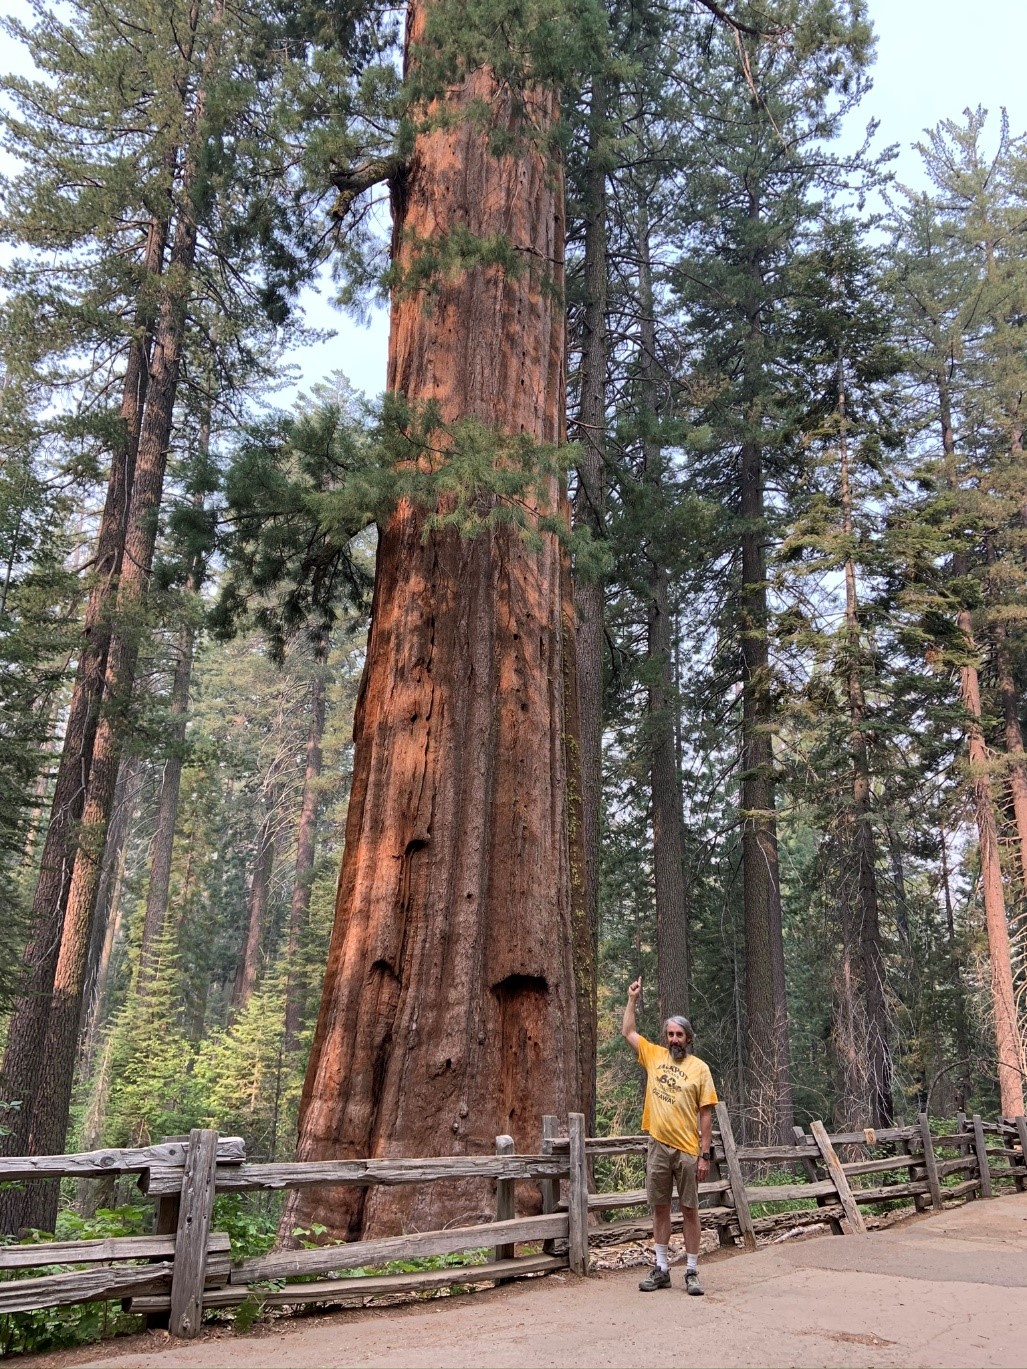 Yosemite - Sequoia trees